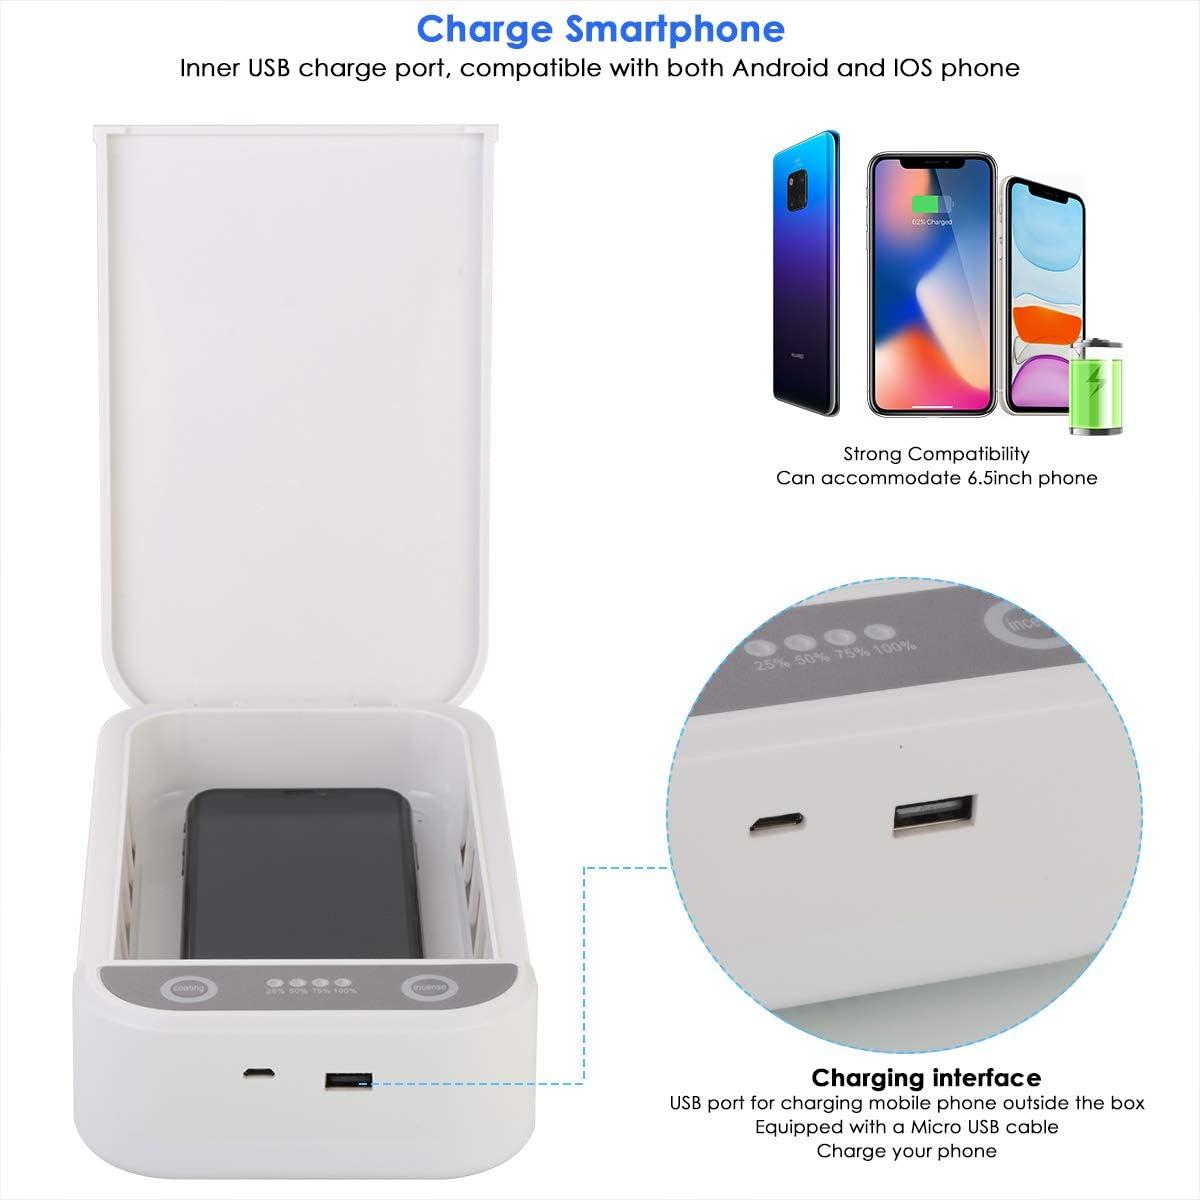 DaMohony UV-Smartphone Sterilisator Tragbare Handy Desinfektionsbox mit USB-Kabel Zwei UV-Leuchten f/ür Alle Kleinen Gegenst/ände